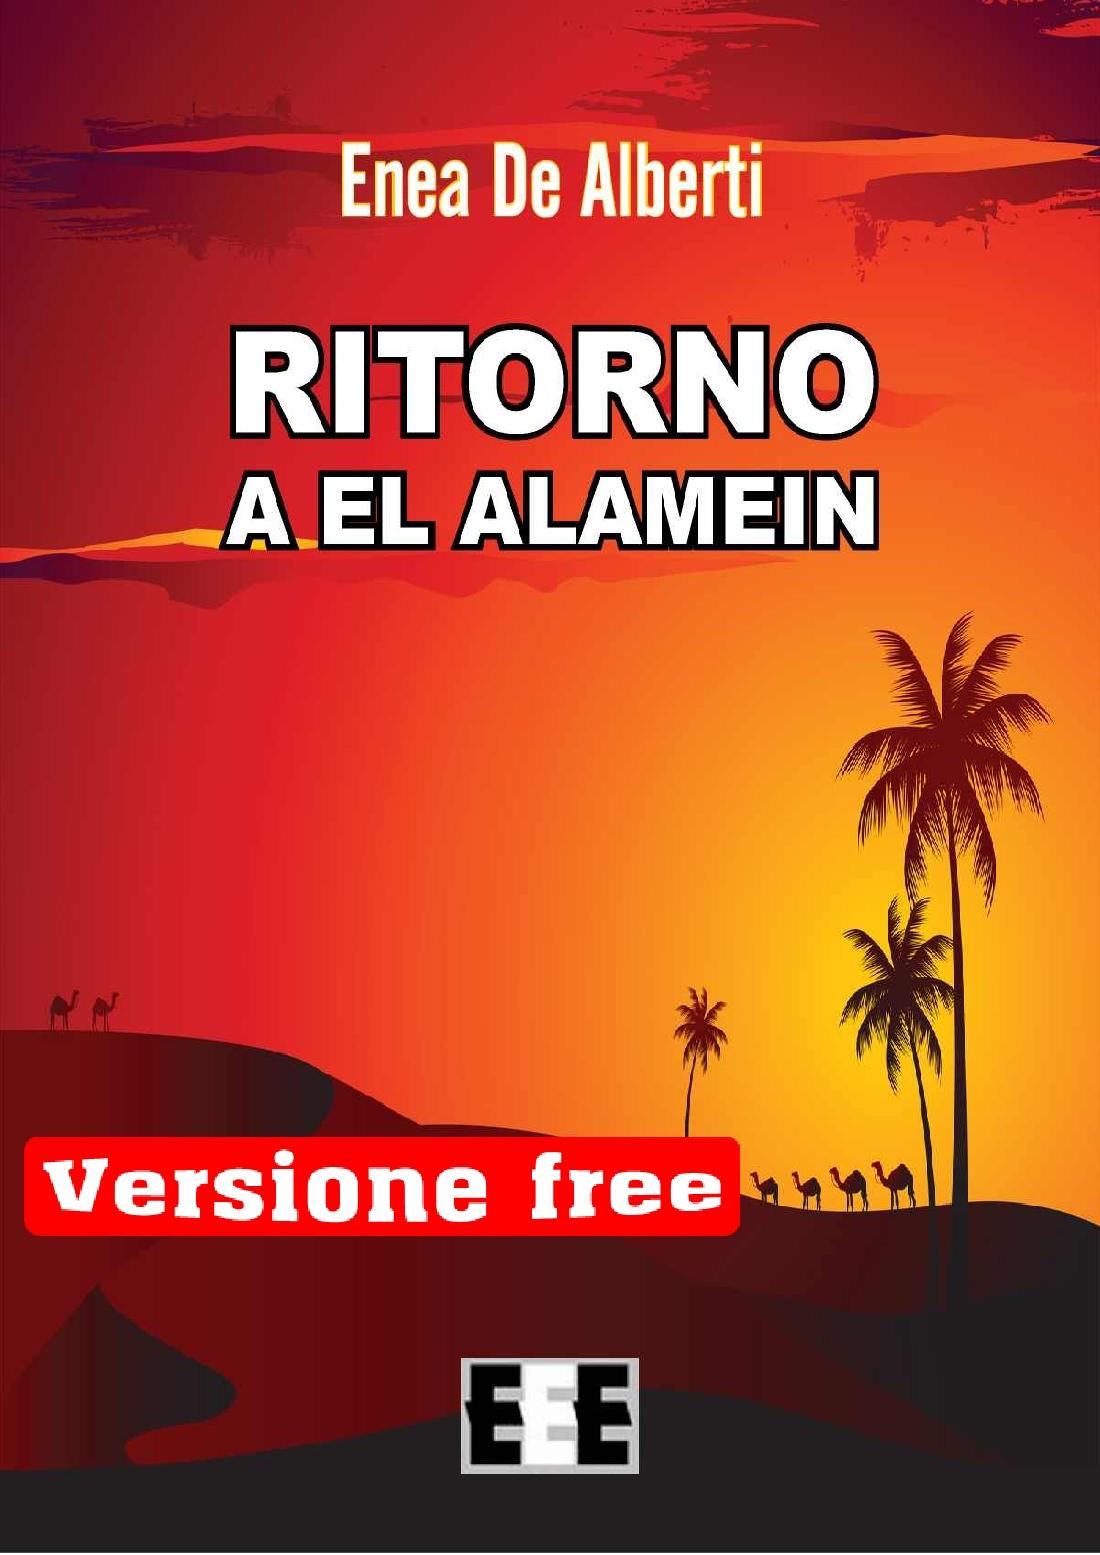 Dealberti_cover_FREE